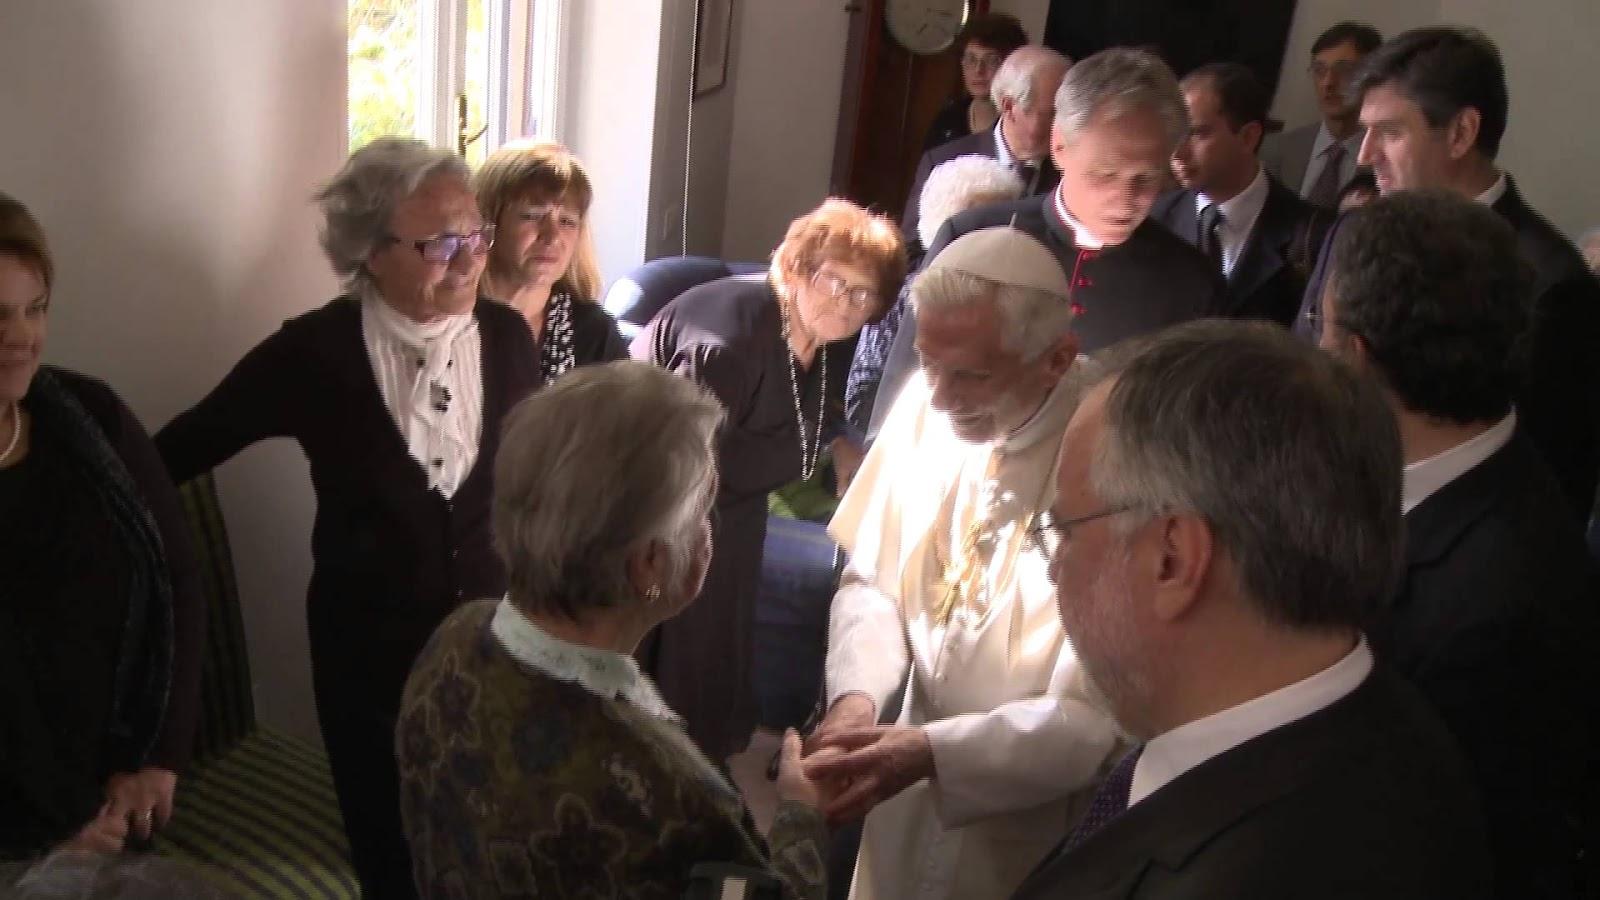 Vengo tra di voi come vescovo di roma ma anche come anziano in visita ai suoi coetanei superfluo dire che conosco bene le difficoltà i problemi e i